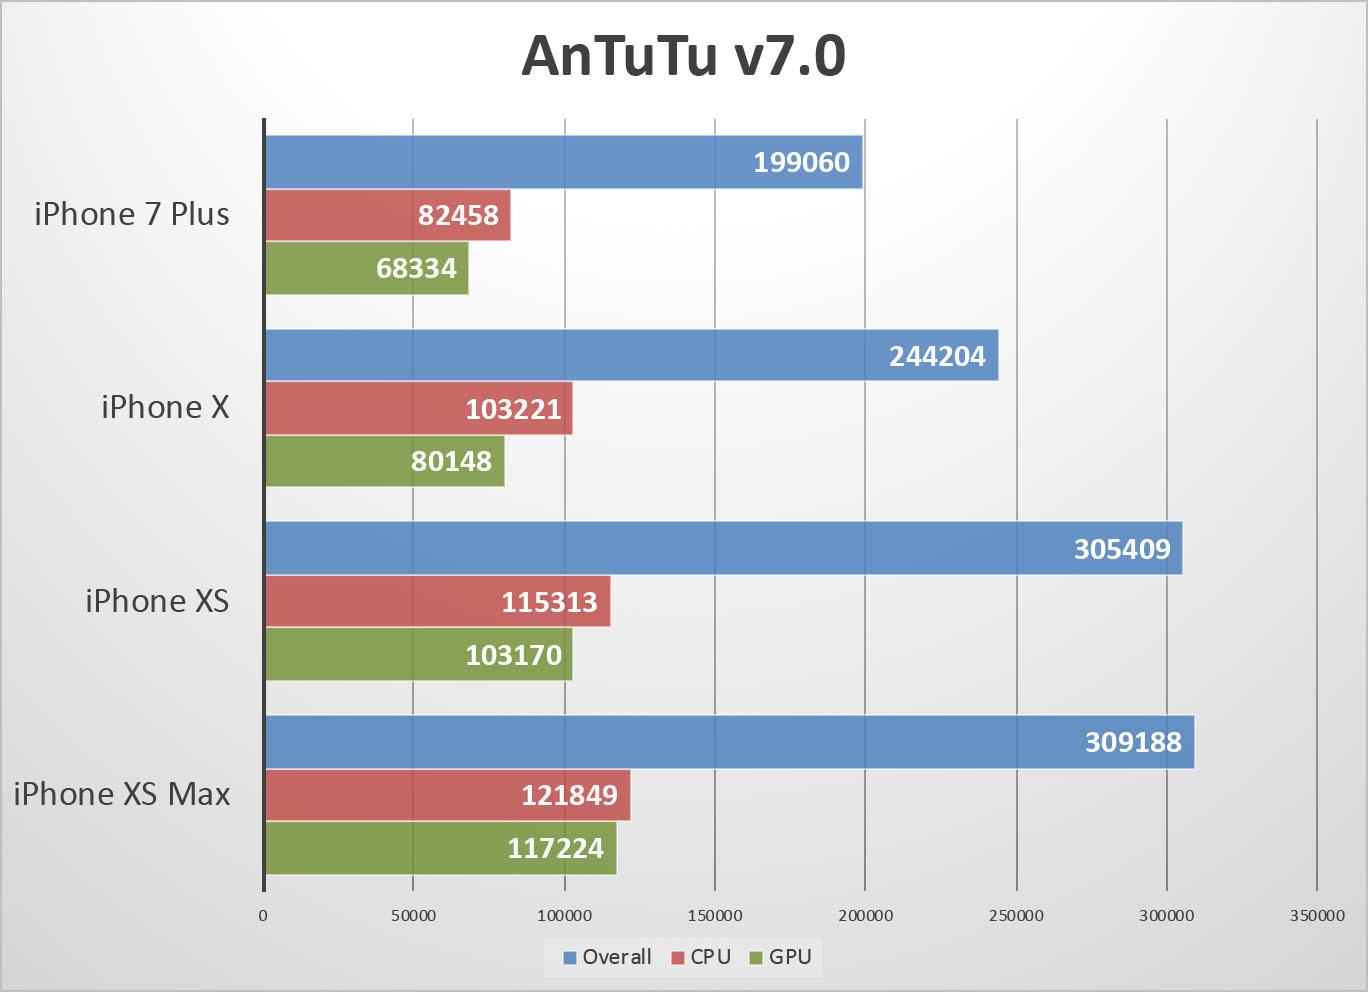 앤투투 테스트 결과 전반적인 성능 향상을 확인할 수 있었지만, CPU나 GPU의 개별 성능 차이는 크지 않았다.